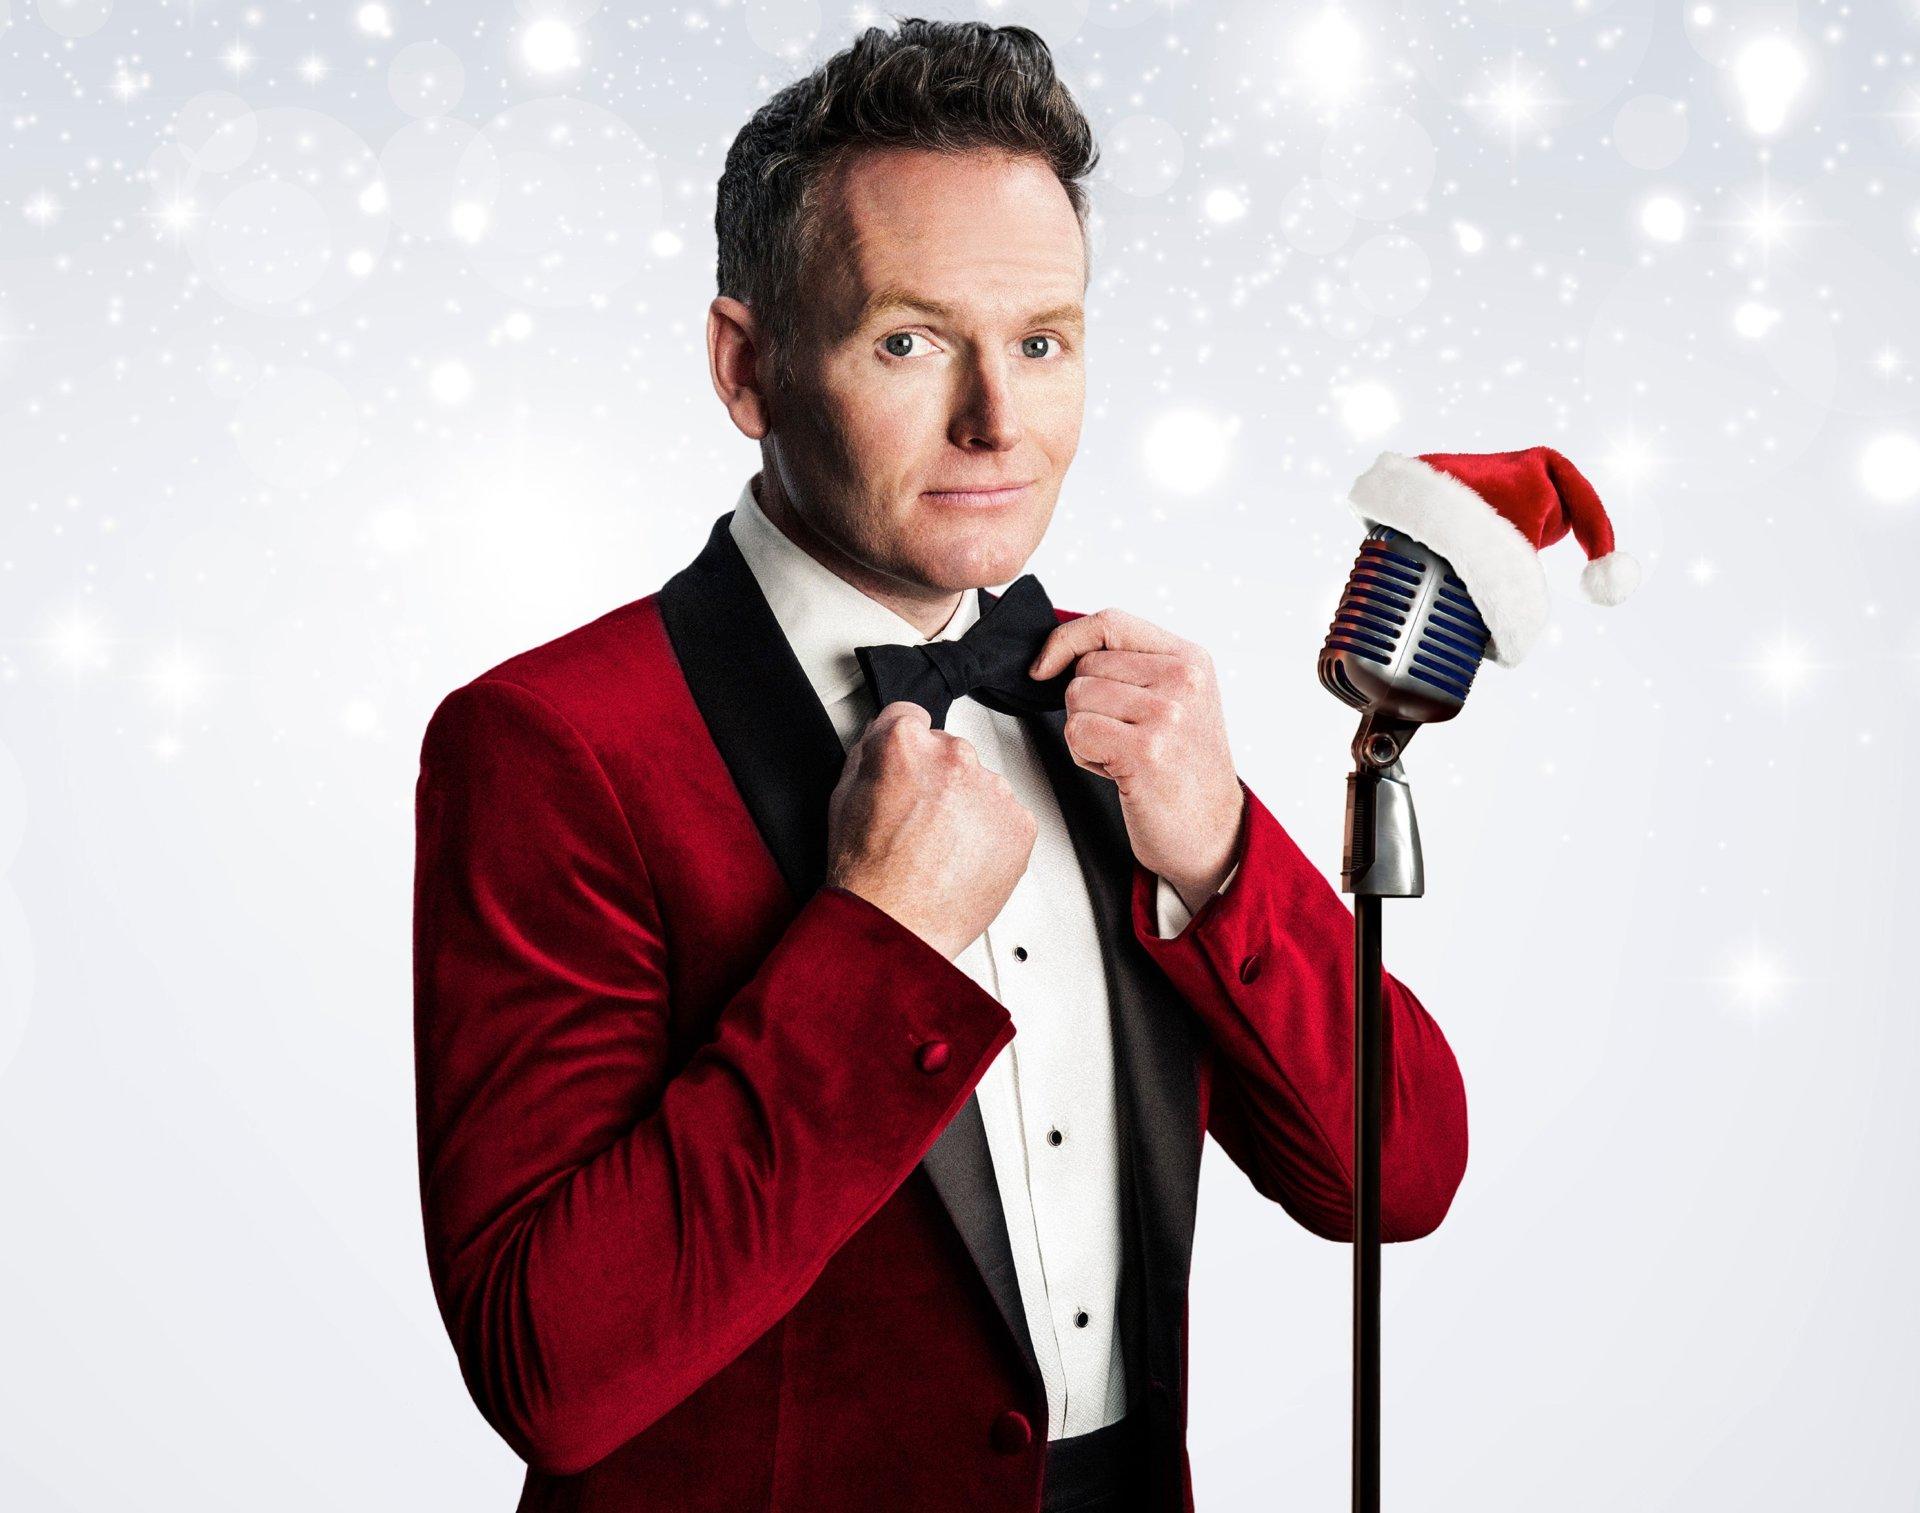 Joe Stilgoe Christmas hastings